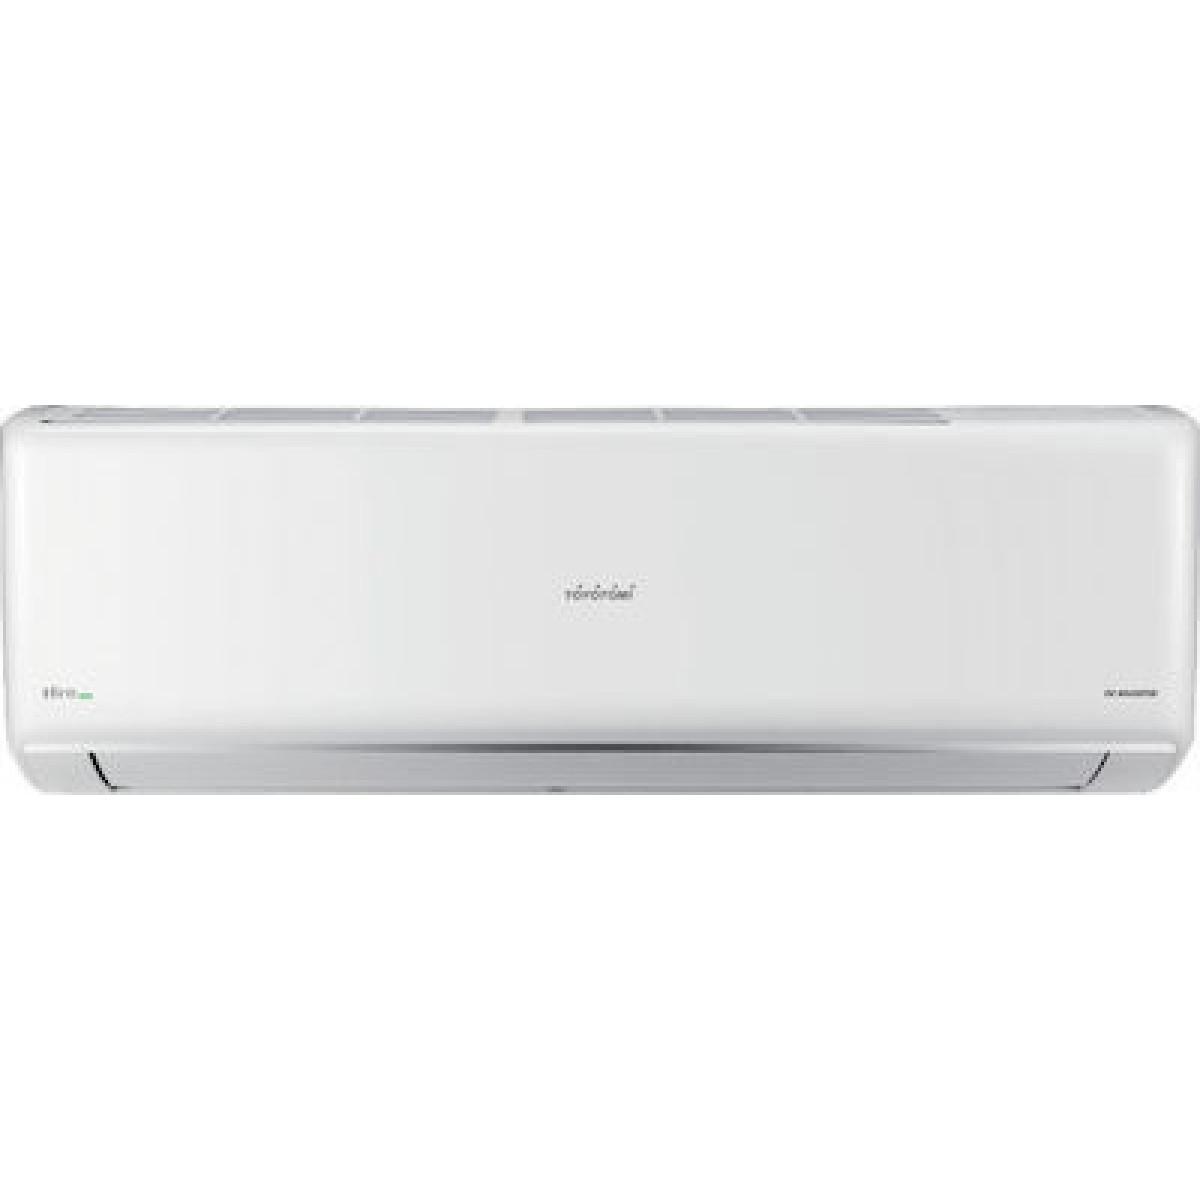 Κλιματιστικό Toyotomi HTN20/HTG20-12R32 Inverter WiFi & Ιονιστής 12BtuA++/A+++ Θέρμανση, Κλιματισμός